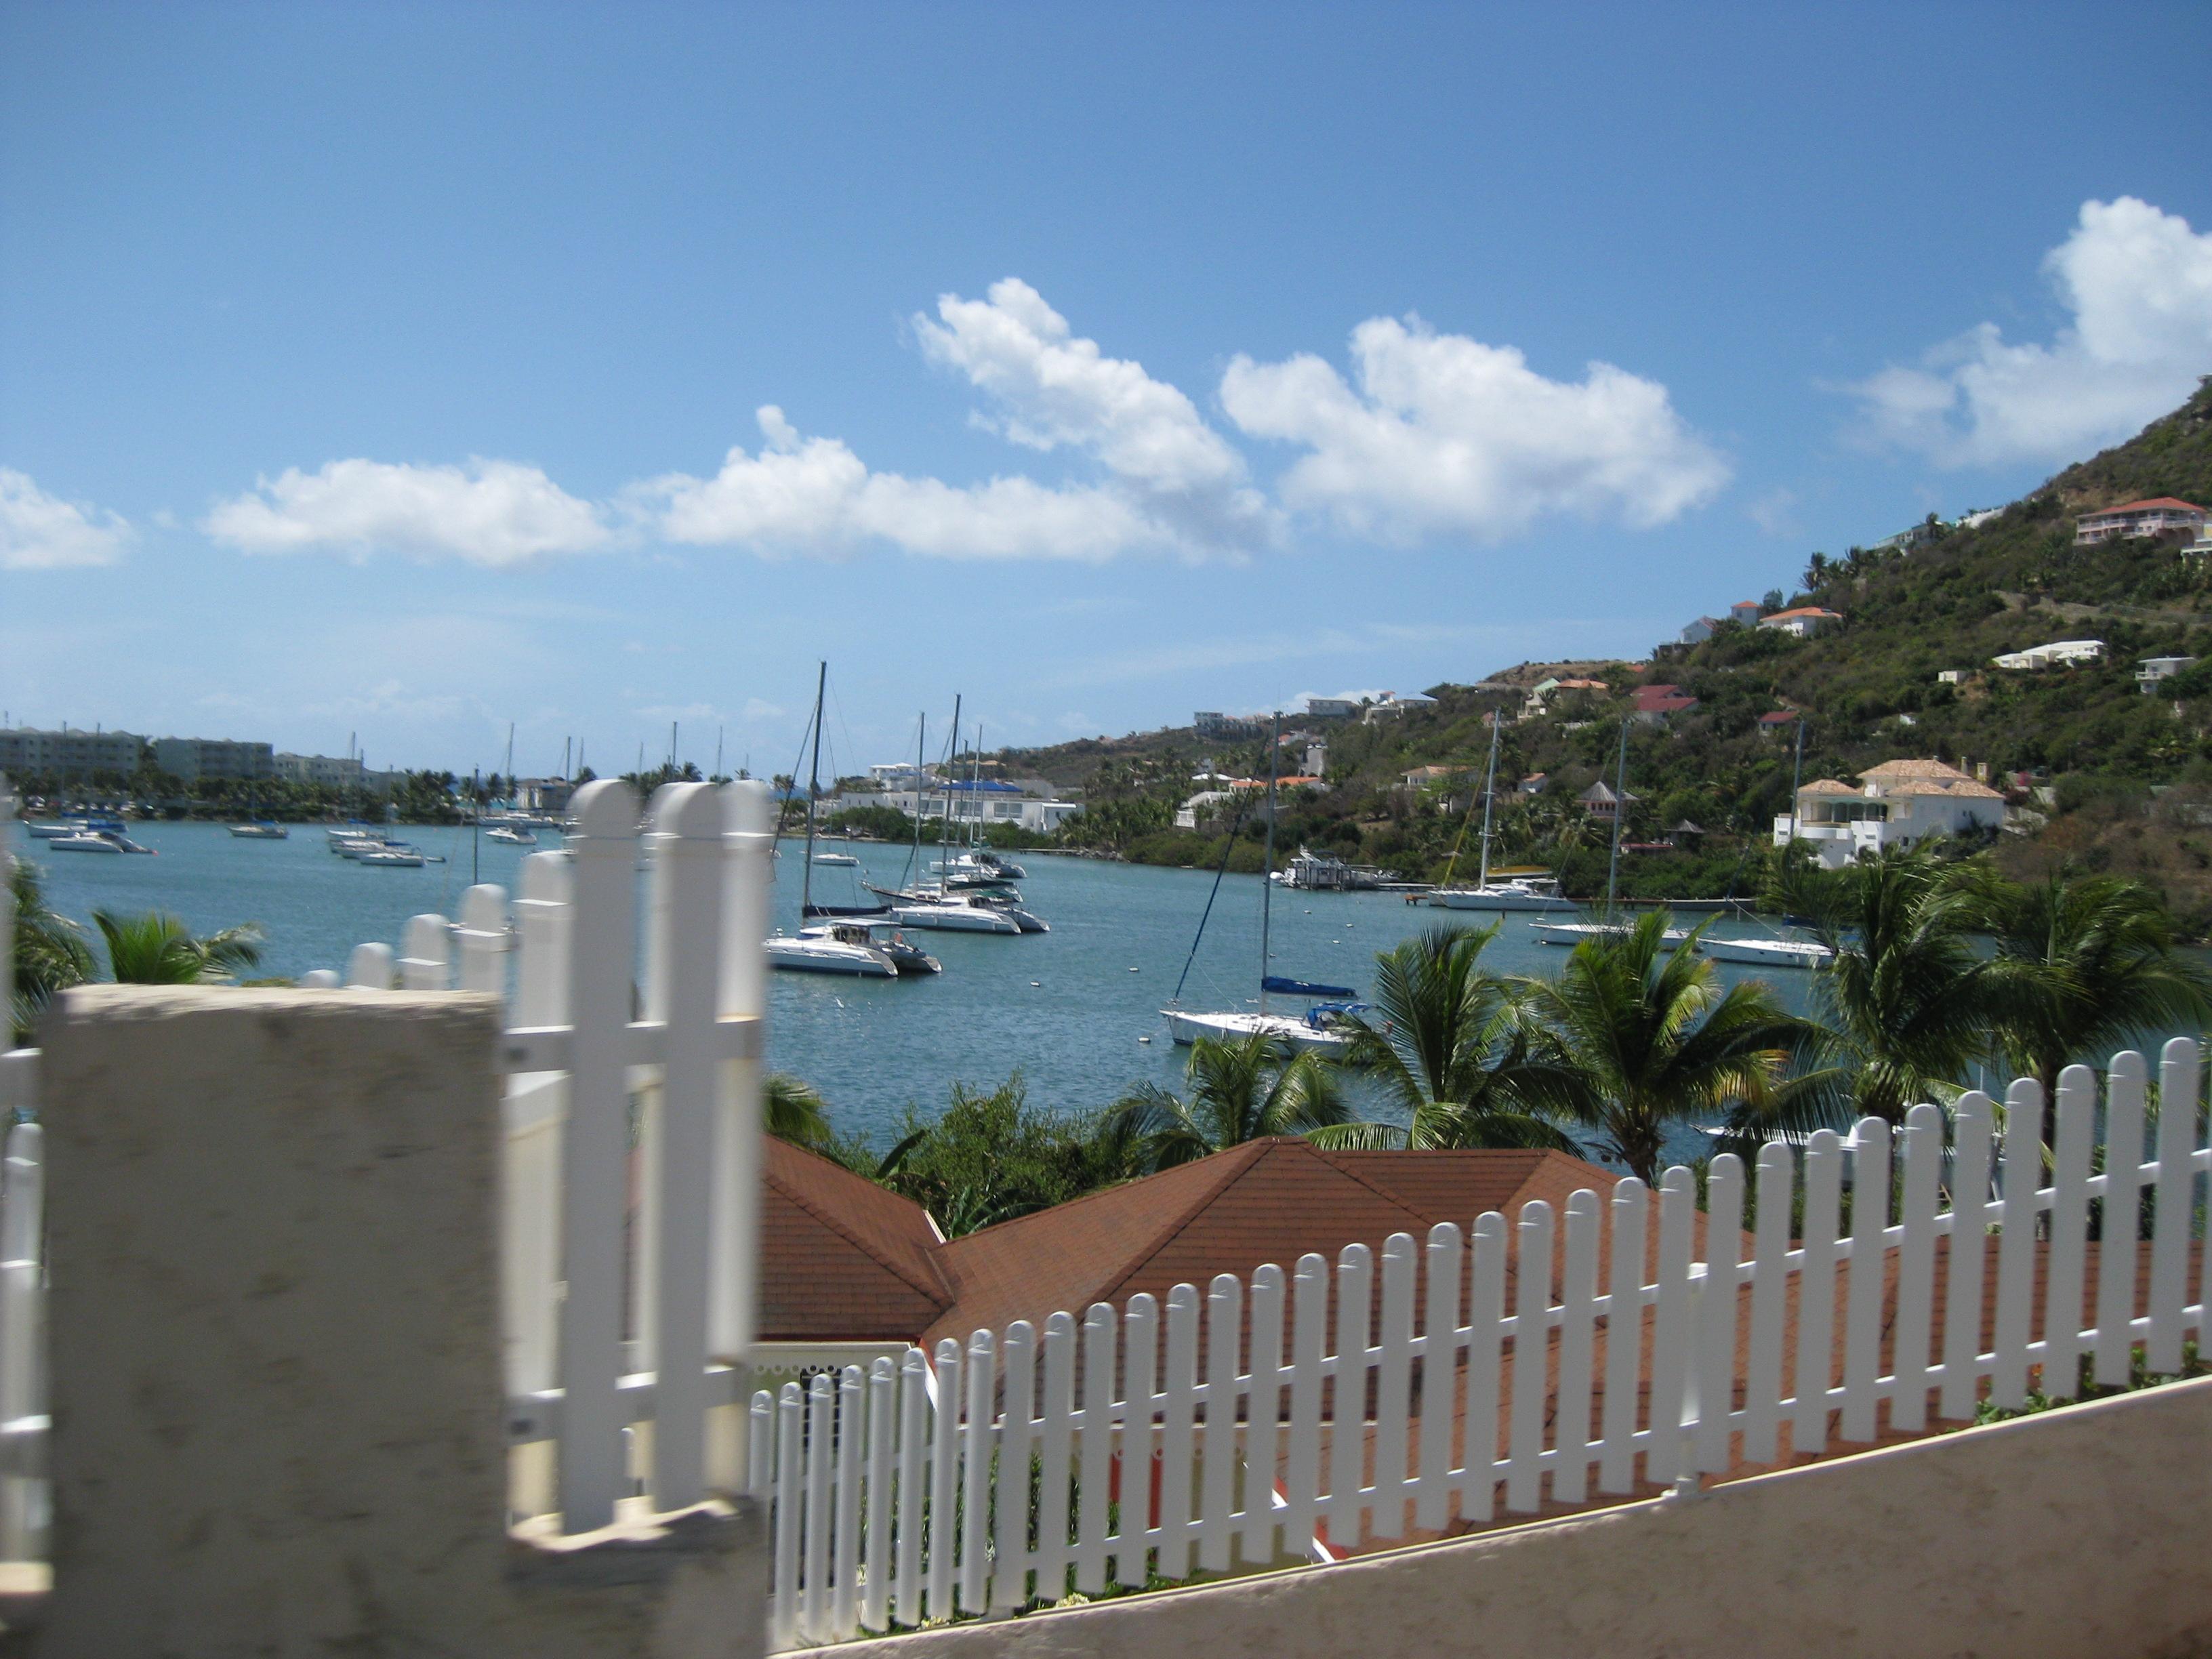 View on St. Maarten